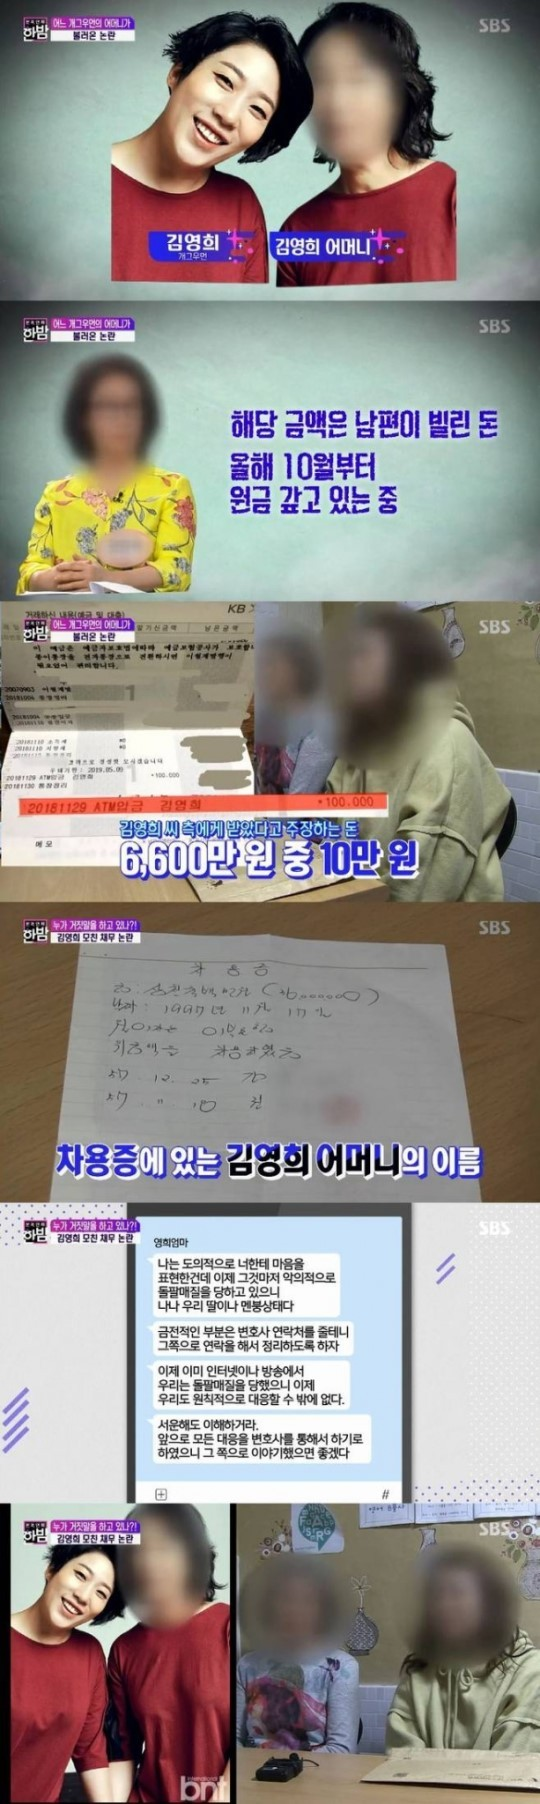 """`한밤` 김영희 법적대응 예고…母 """"원칙적 대응할 것, 서운해도 이해해"""""""